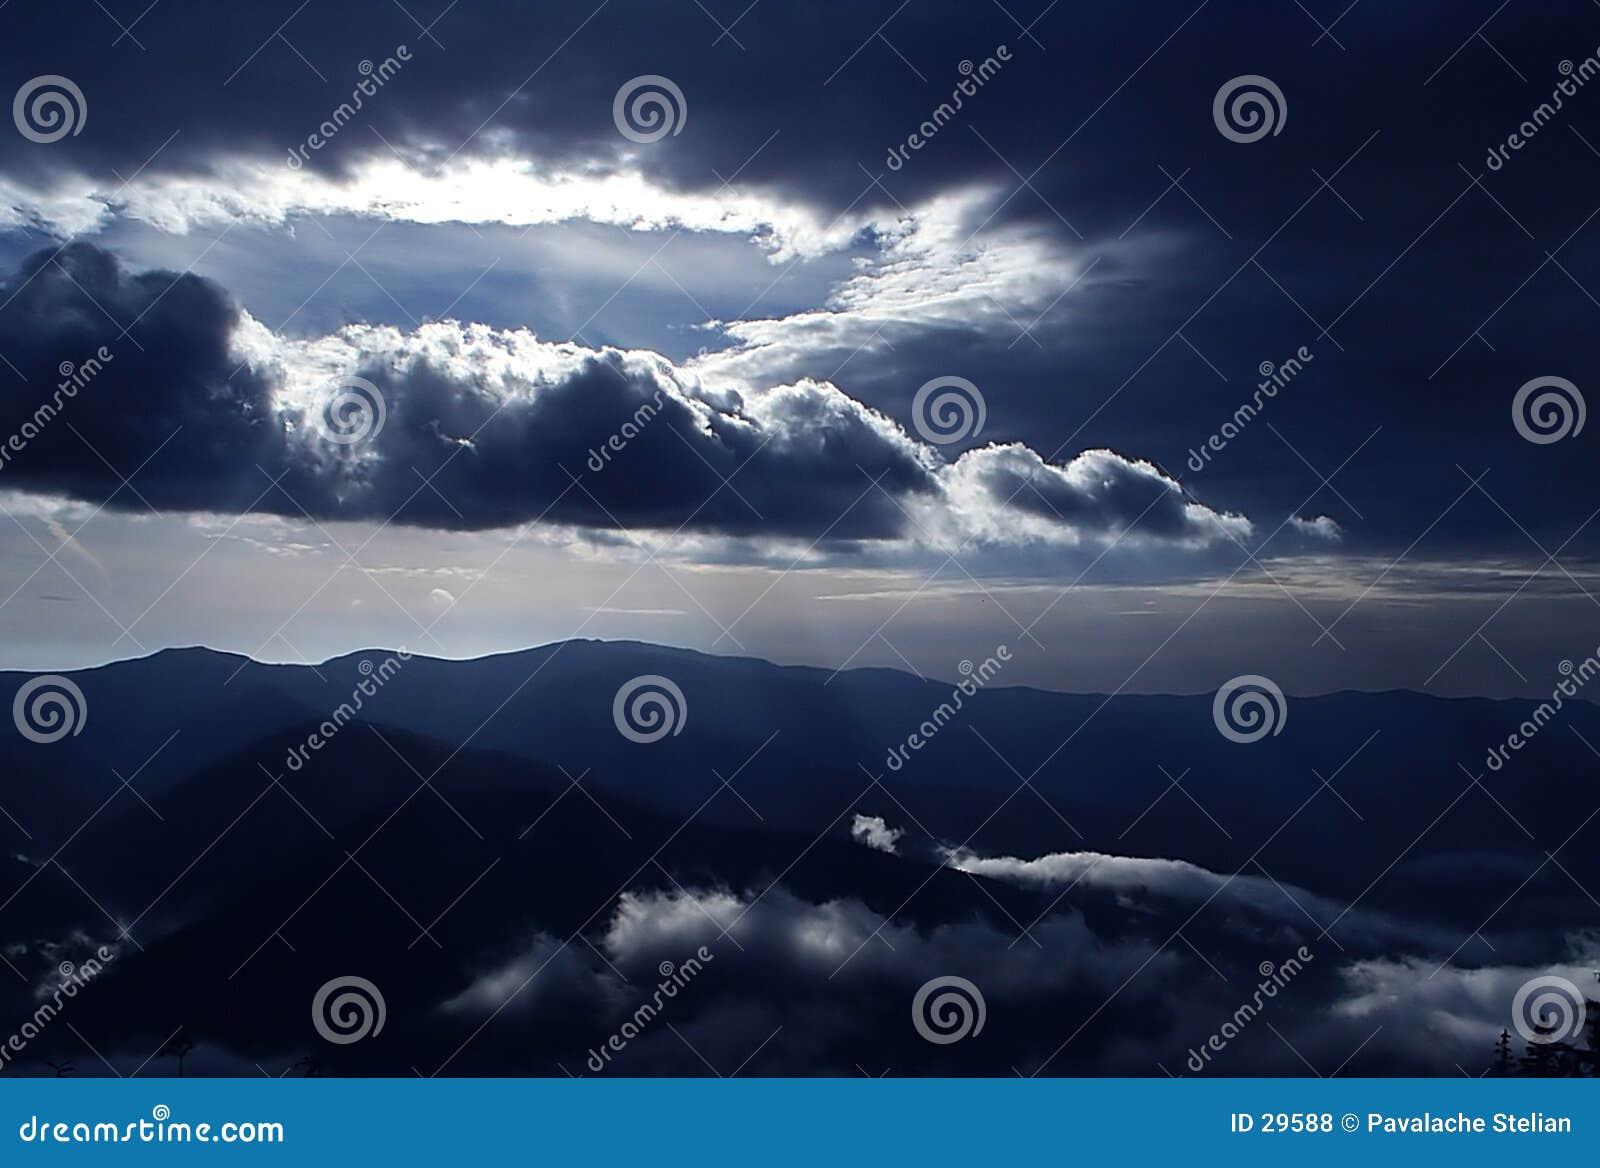 Download Rayos de Sun foto de archivo. Imagen de resplandor, nubes - 29588